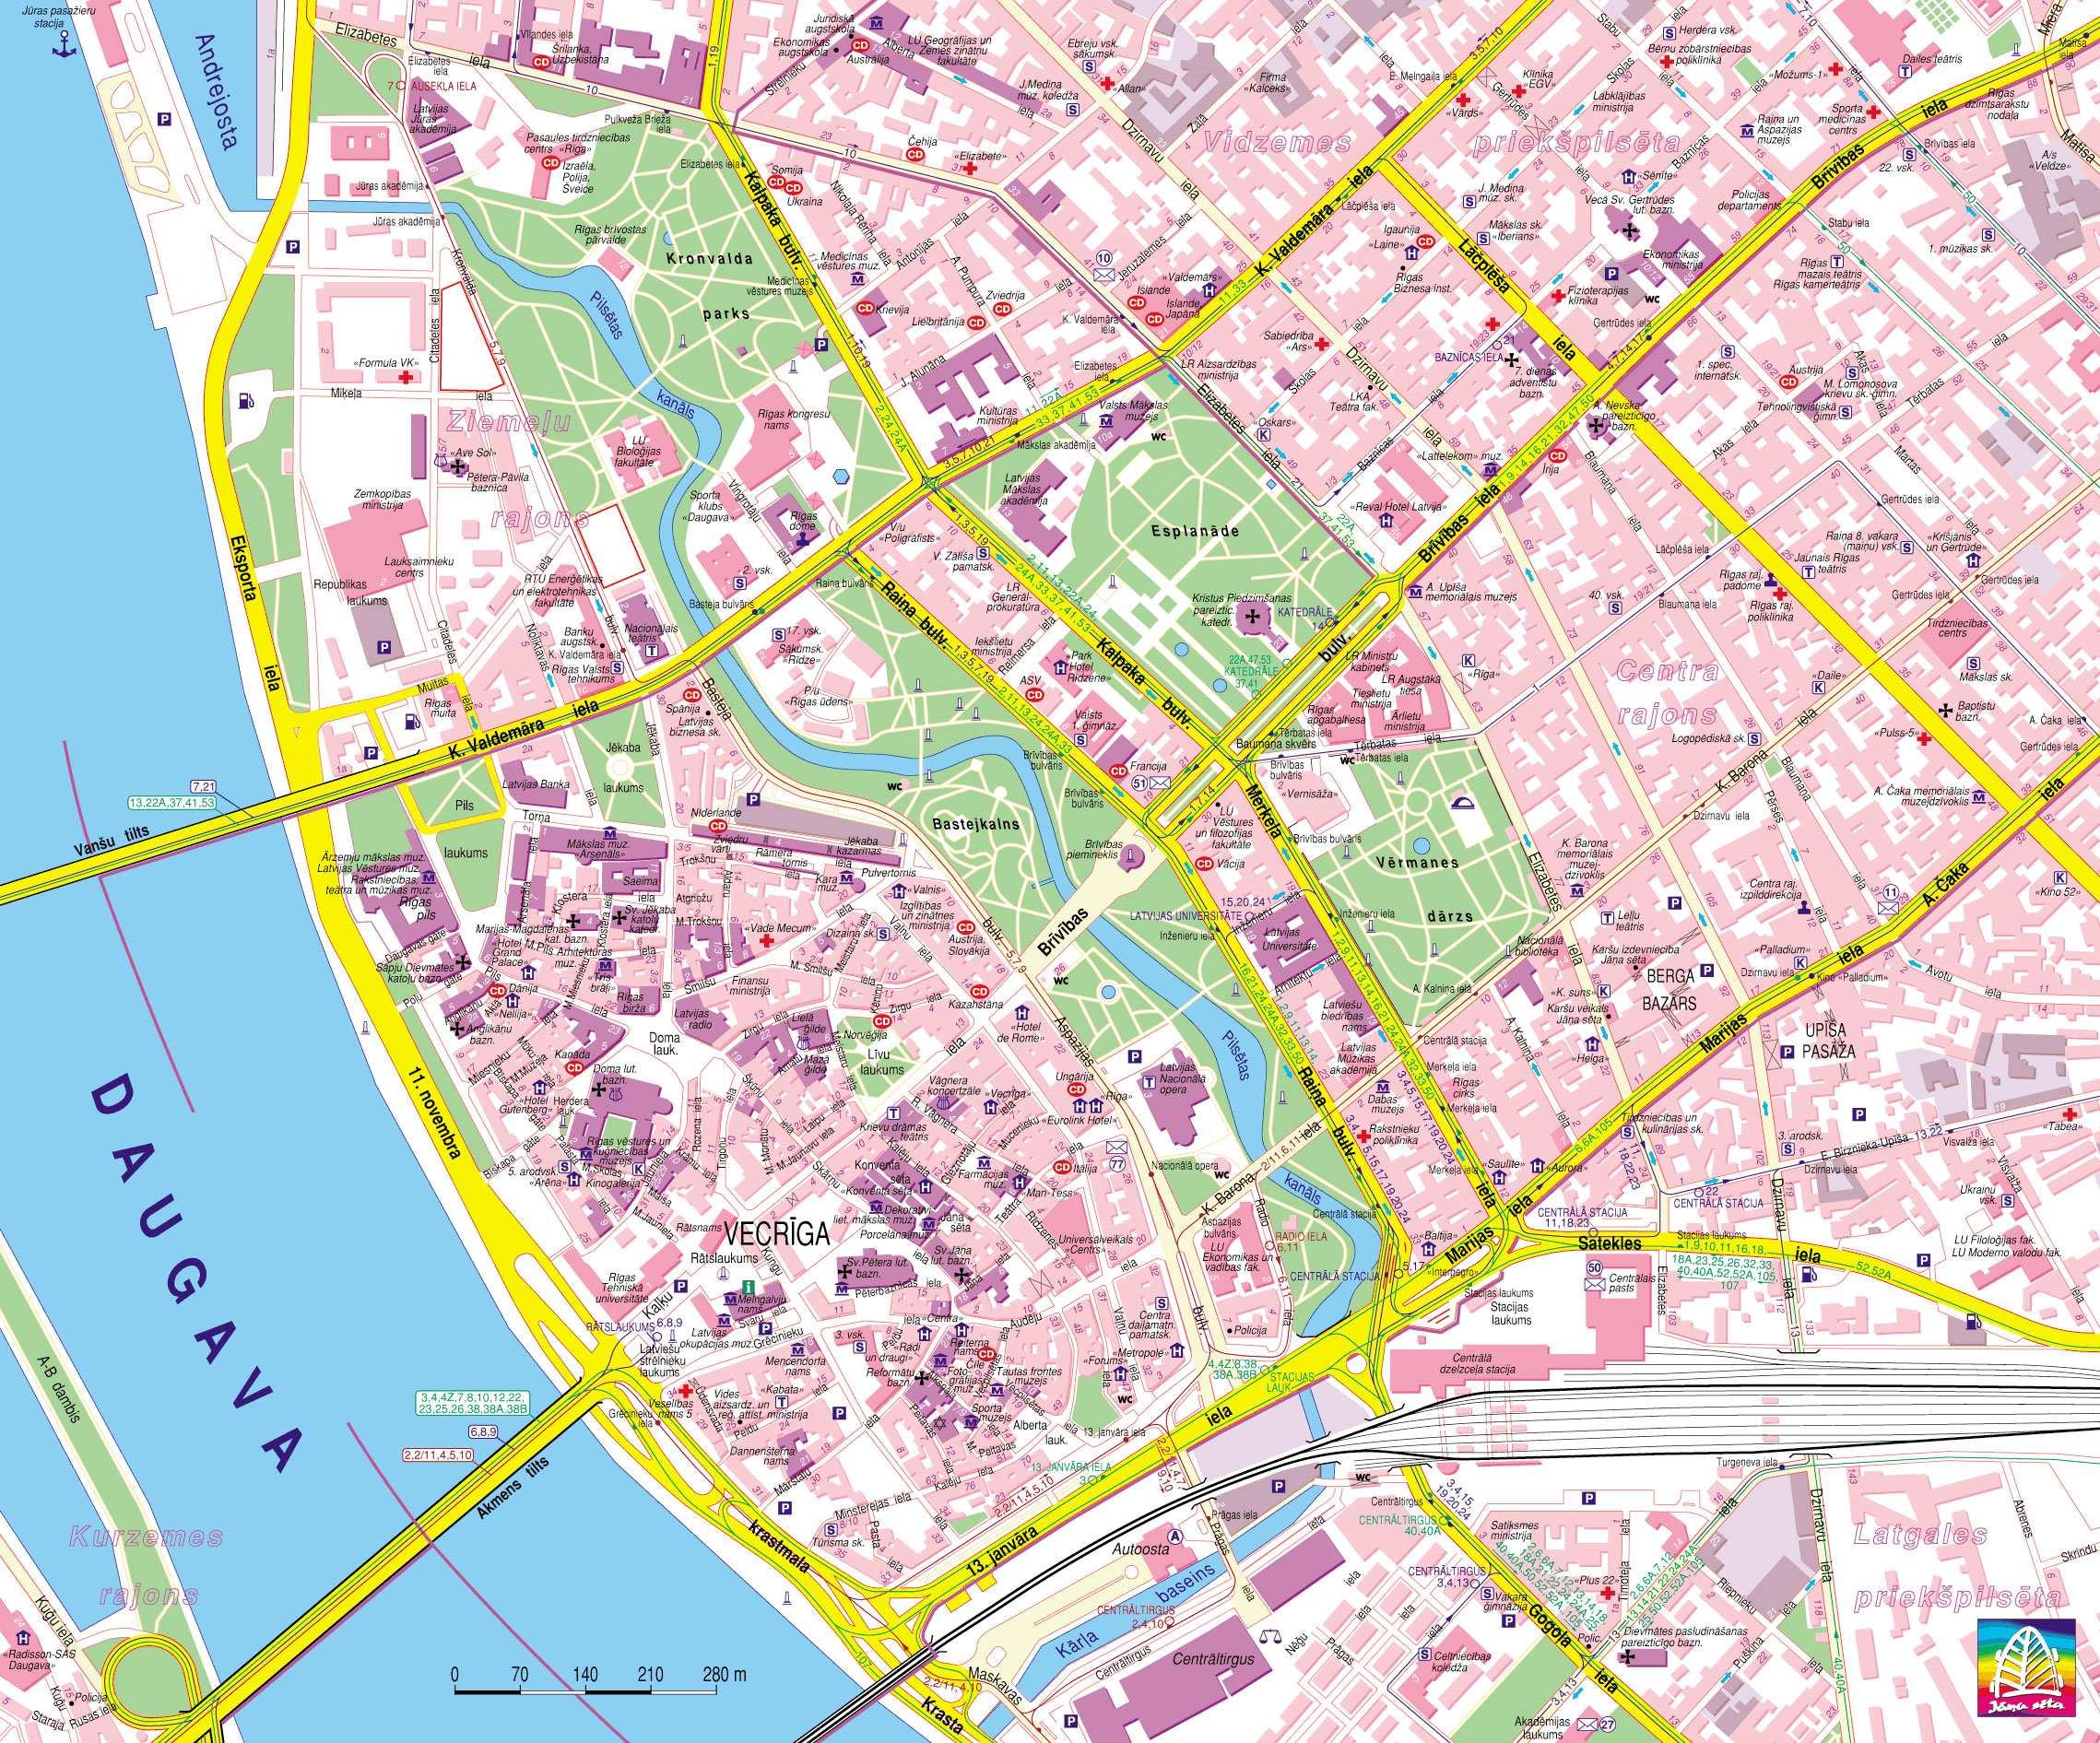 Turistkort Med Diverse Oplysninger